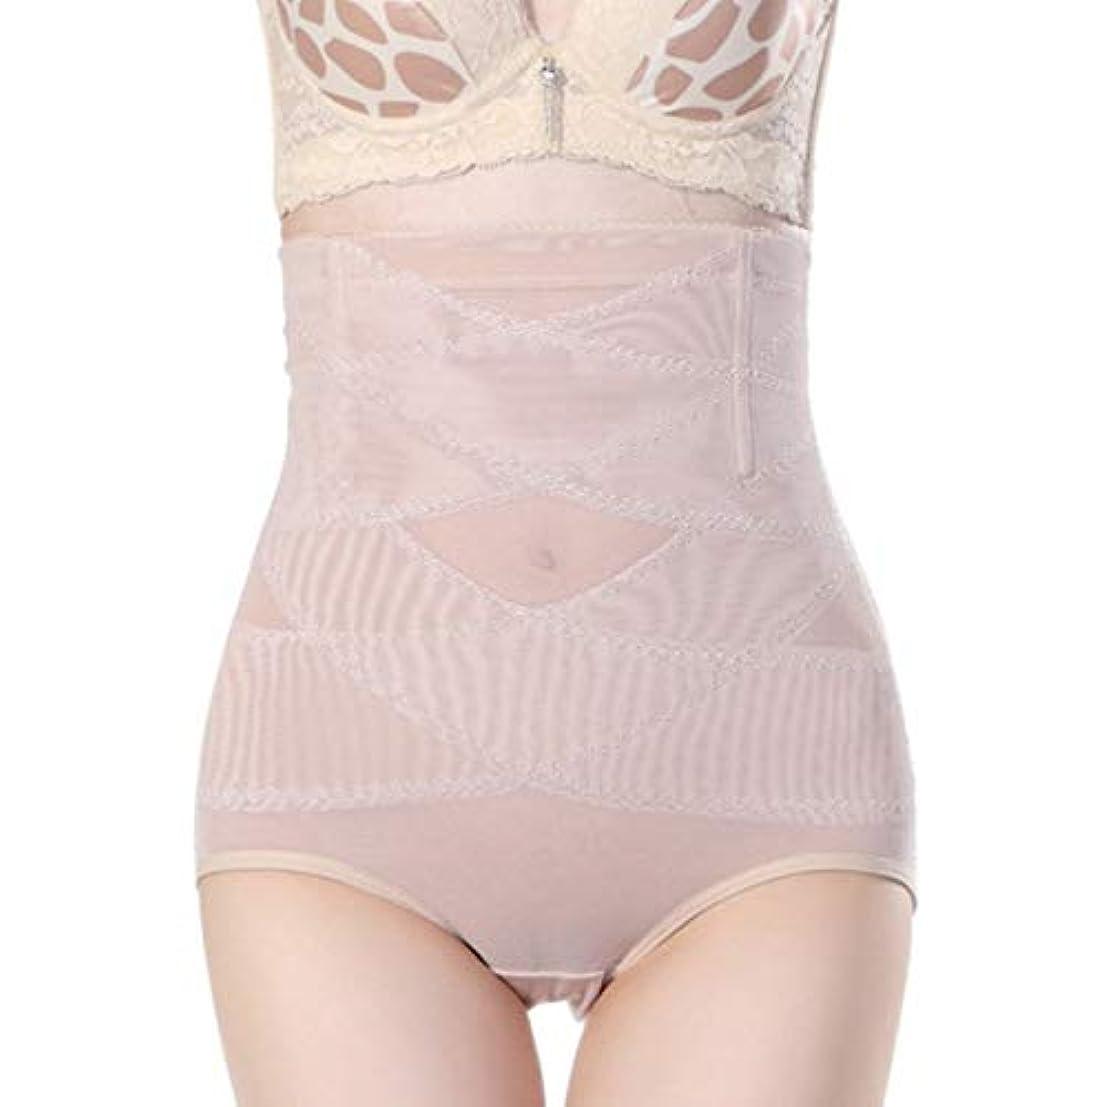 スケルトン官僚明らか腹部制御下着シームレスおなかコントロールパンティーバットリフターボディシェイパーを痩身通気性のハイウエストの女性 - 肌色L